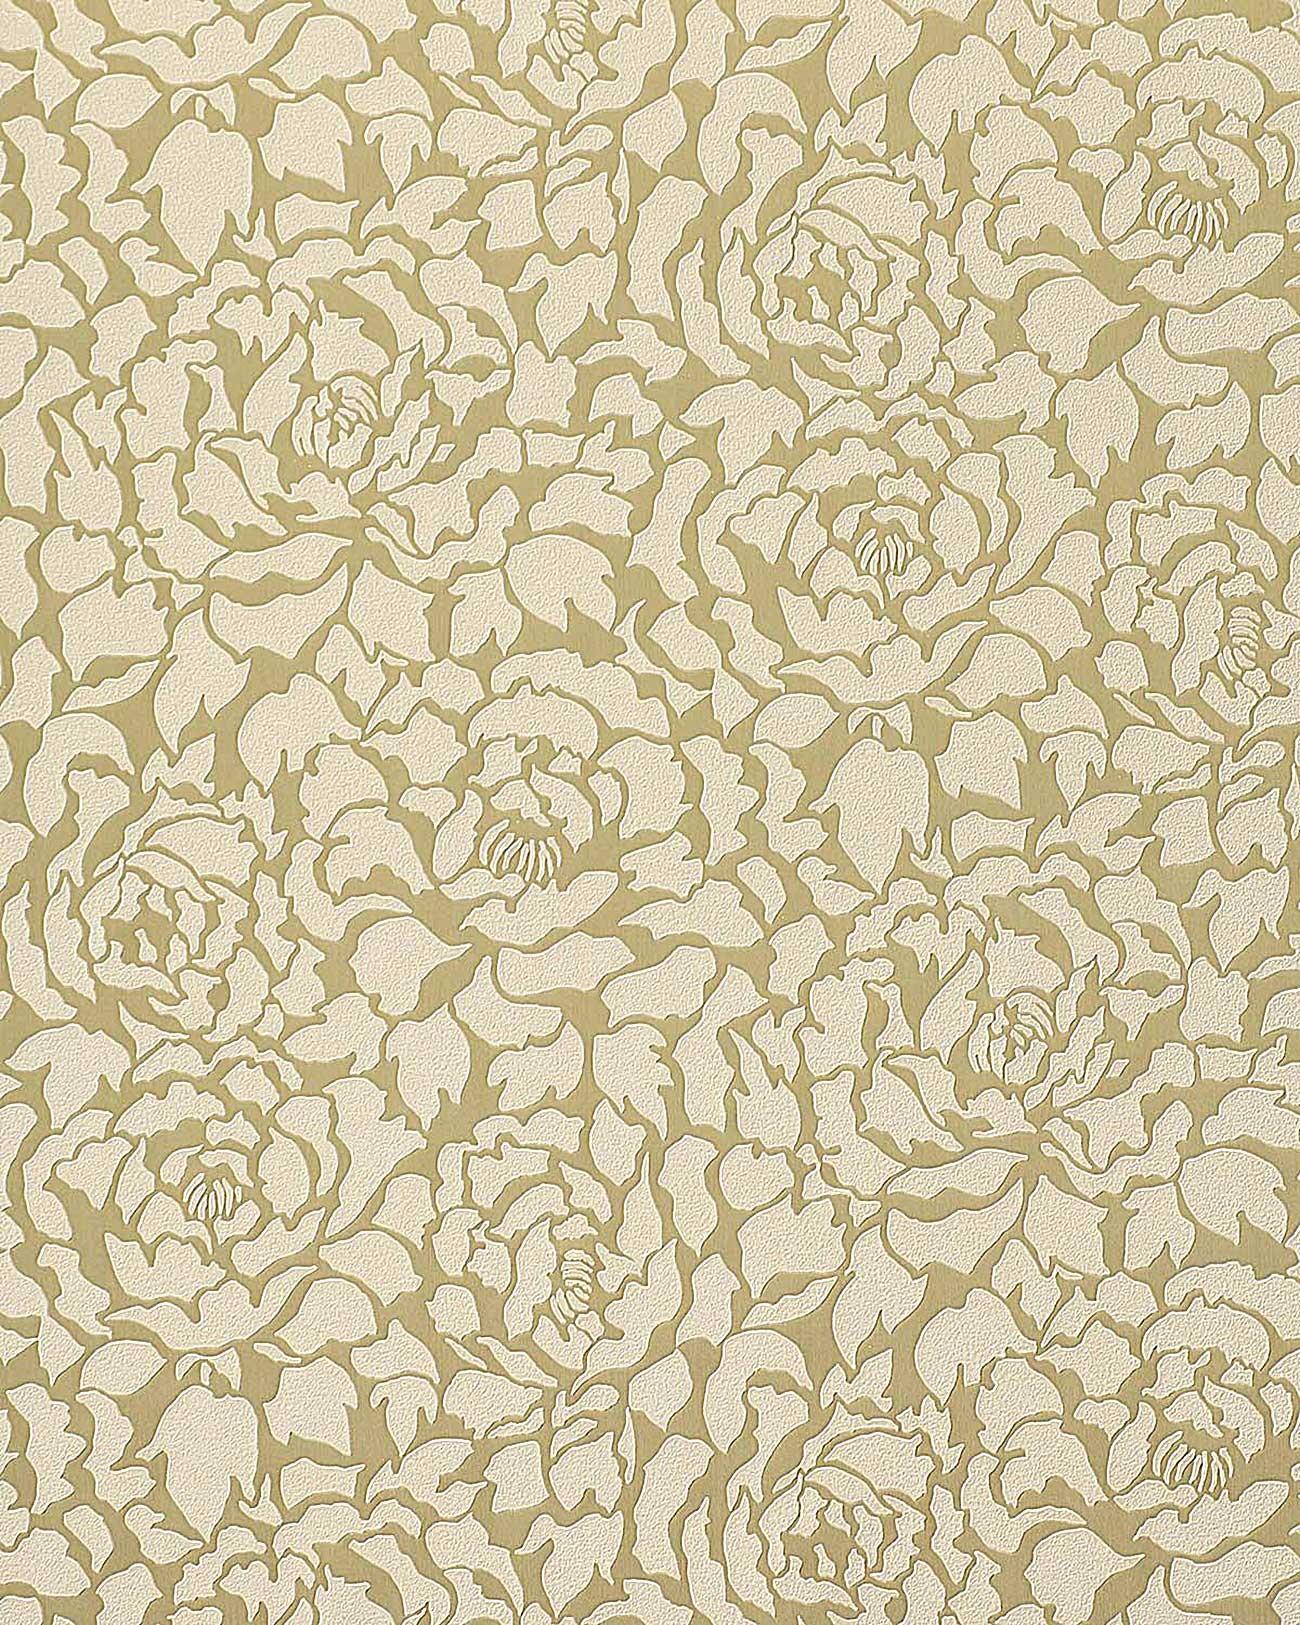 Papier peint deluxe pivoines fleurs edem 830 22 vanille - Sous couche papier peint ...